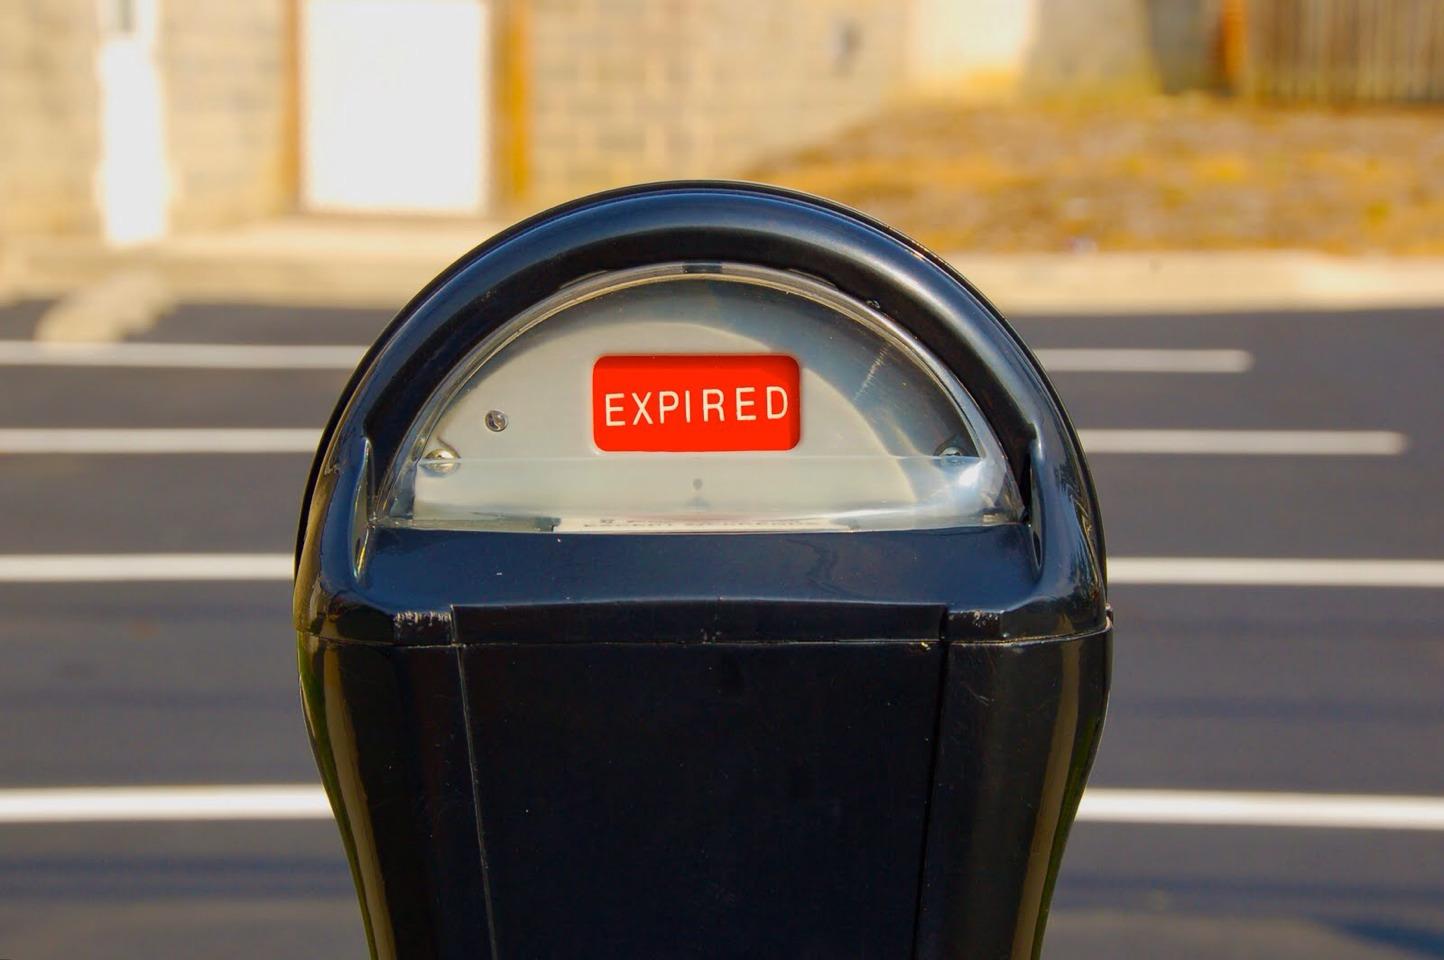 Cheap help: fill an expired parking meter.